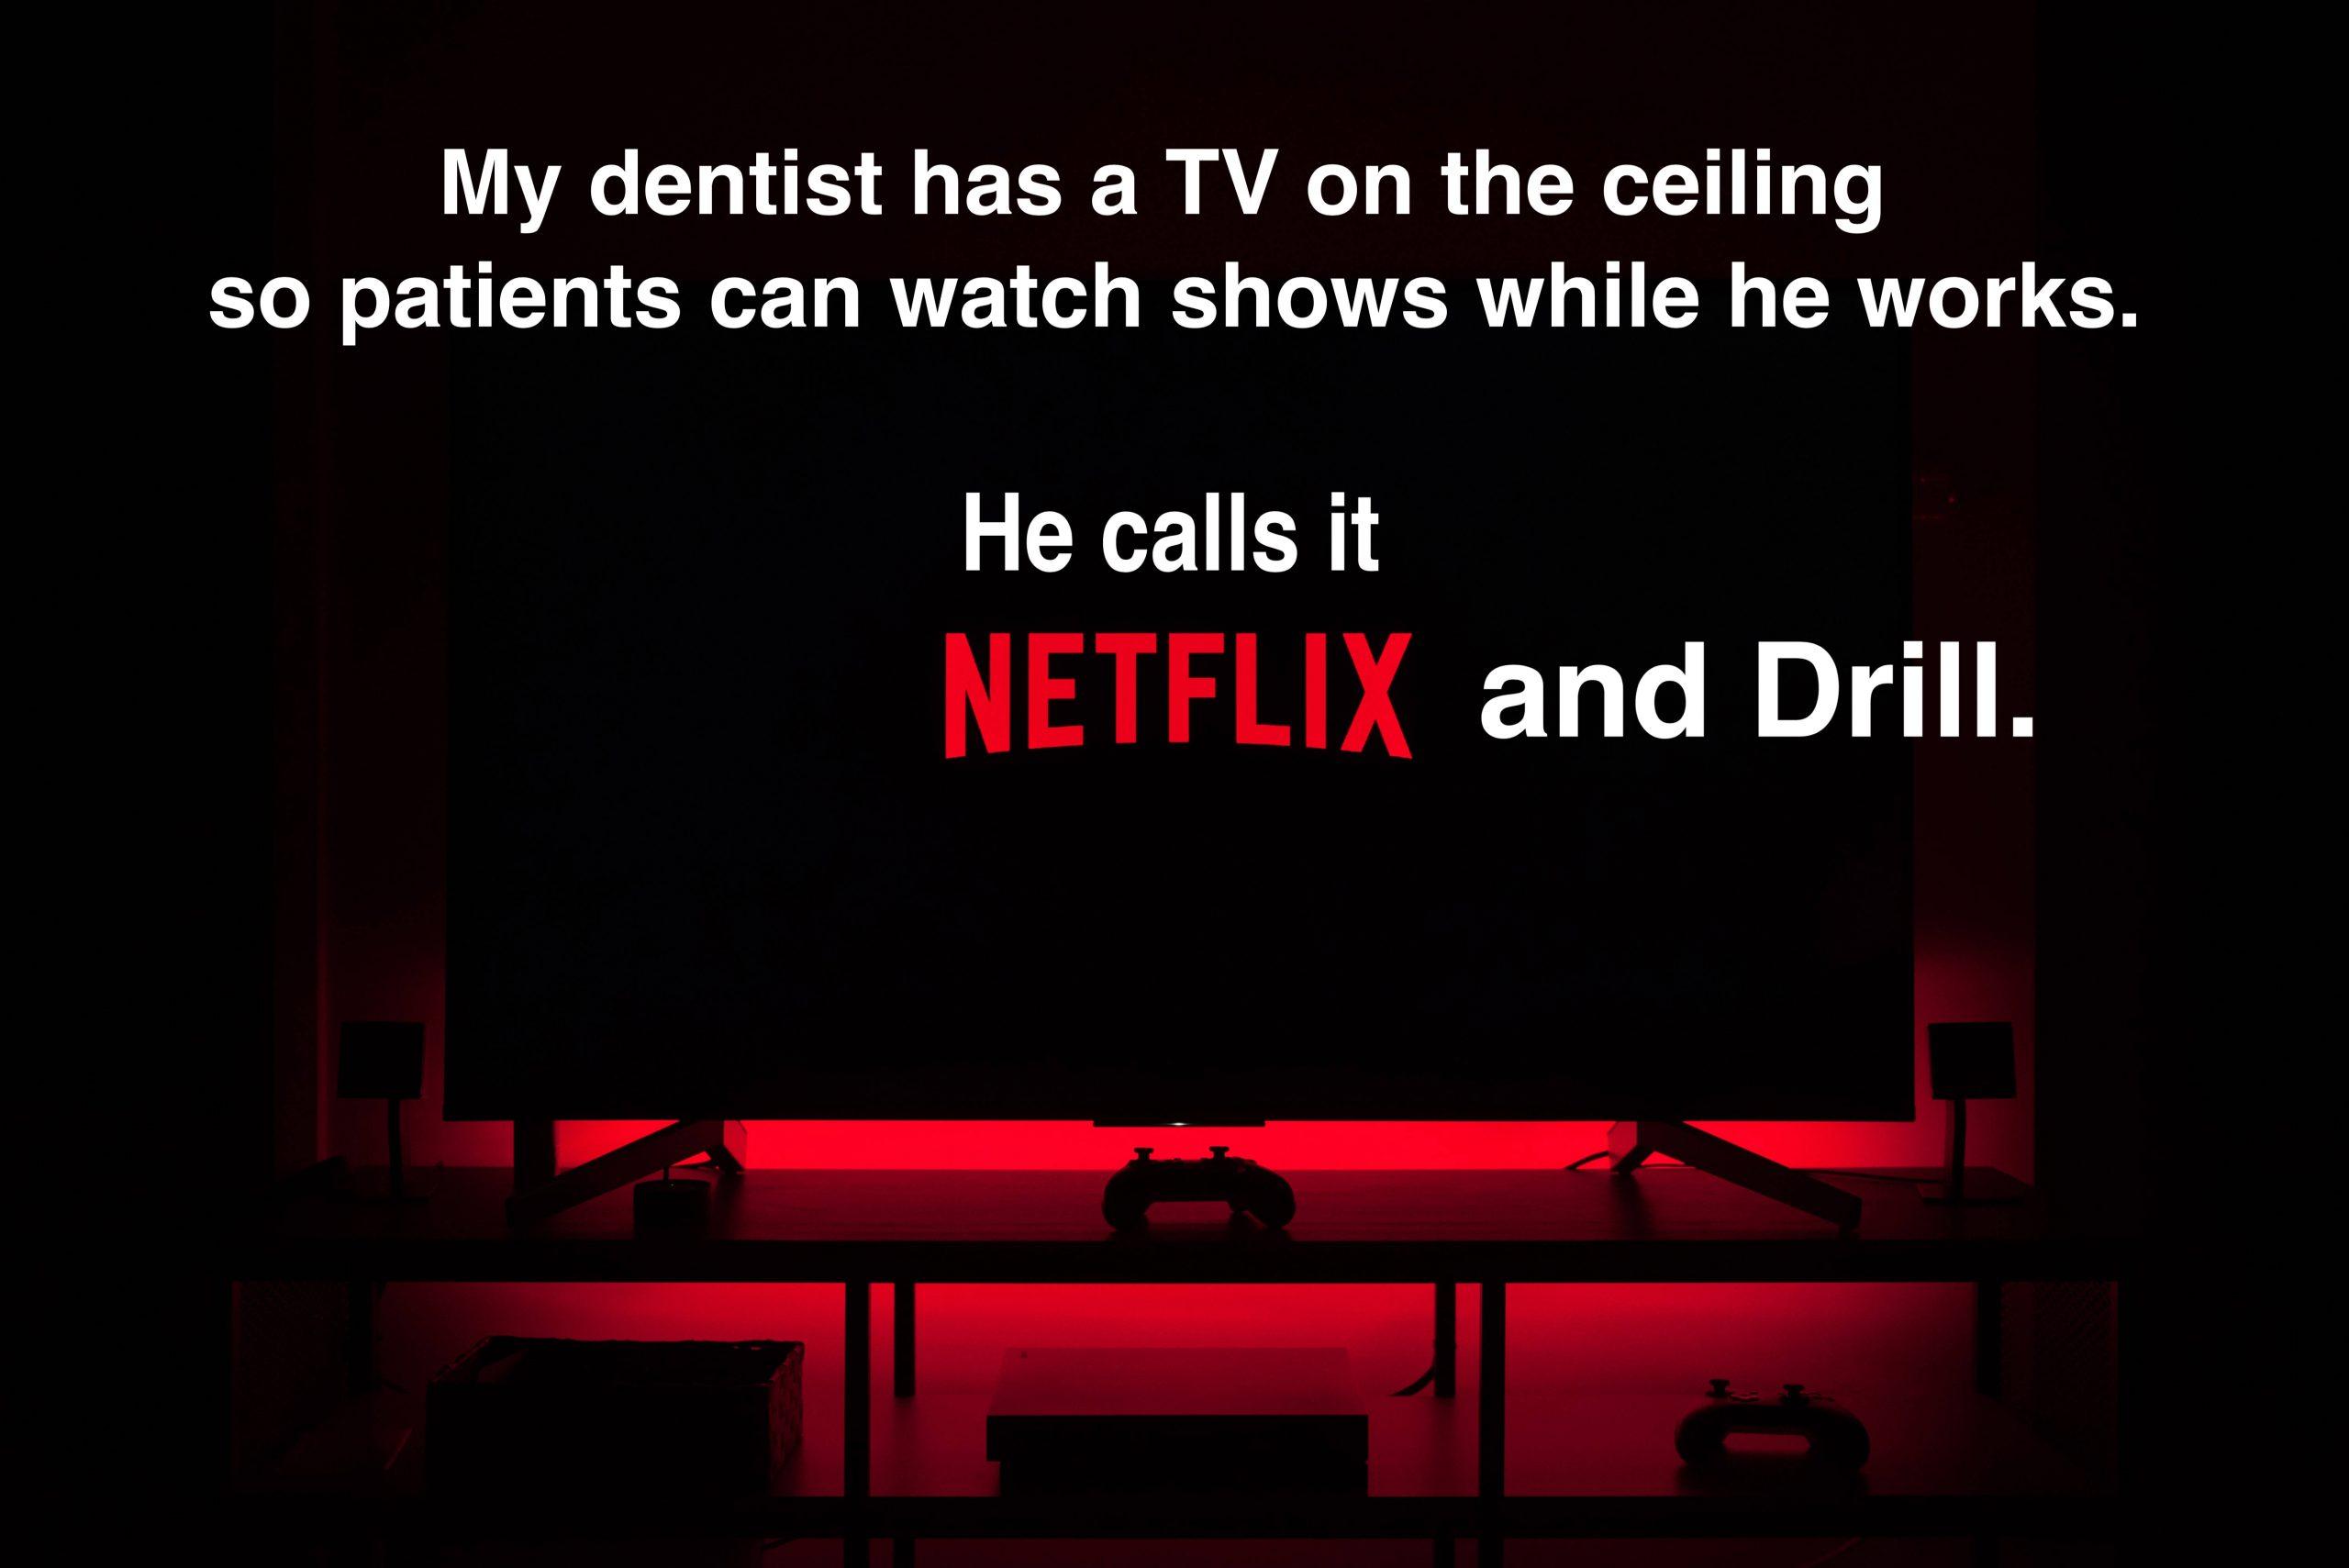 Dentist netflix and drill pun